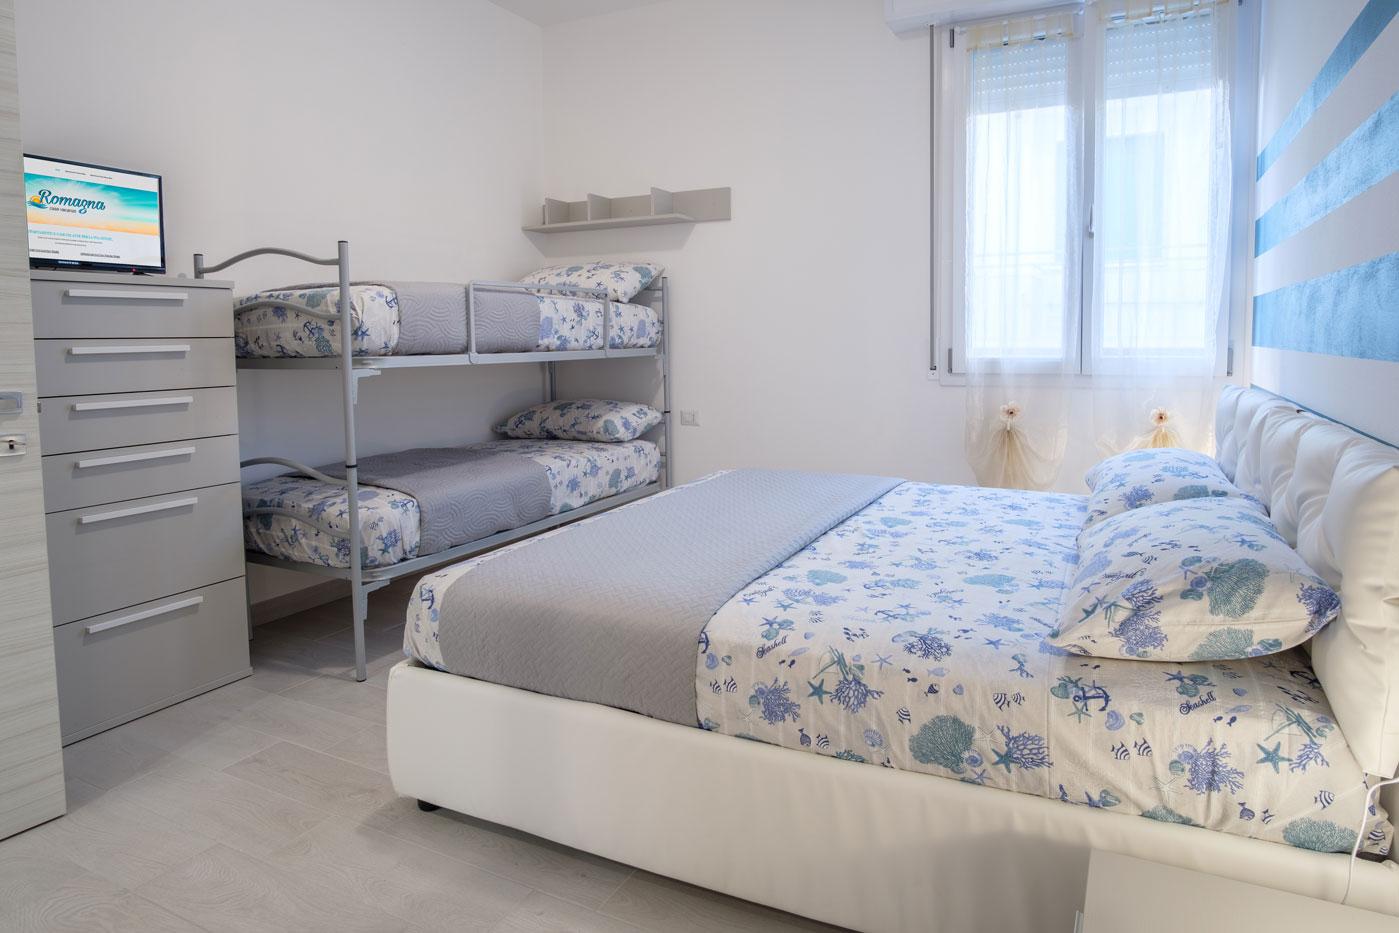 Appartamenti-San-Mauro-mare-47